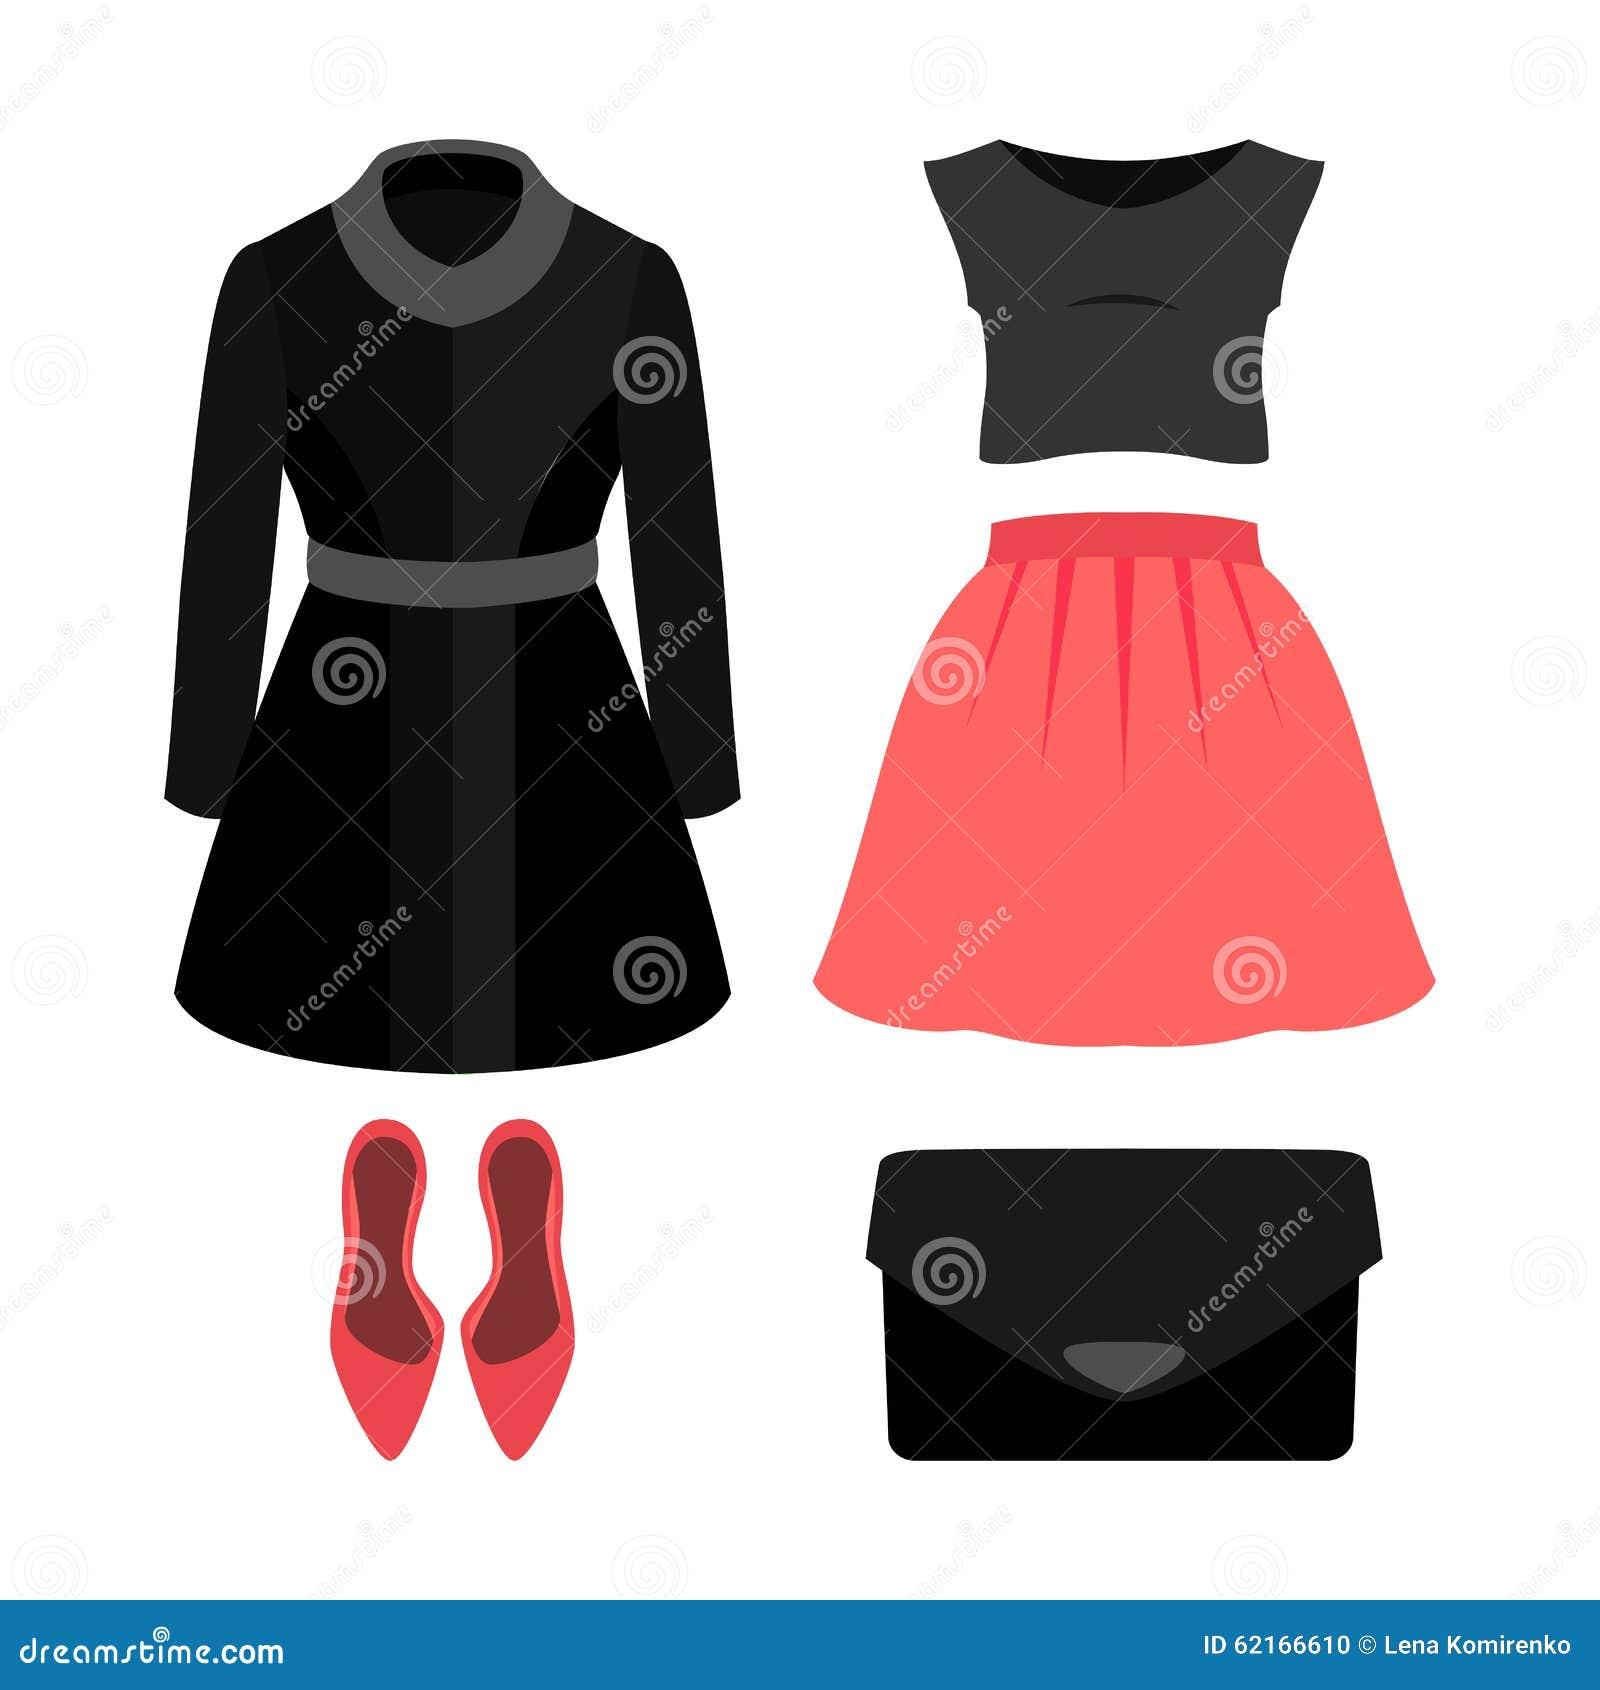 modische-kleiderde - Diva Mode - Fashion Styles mit sexy